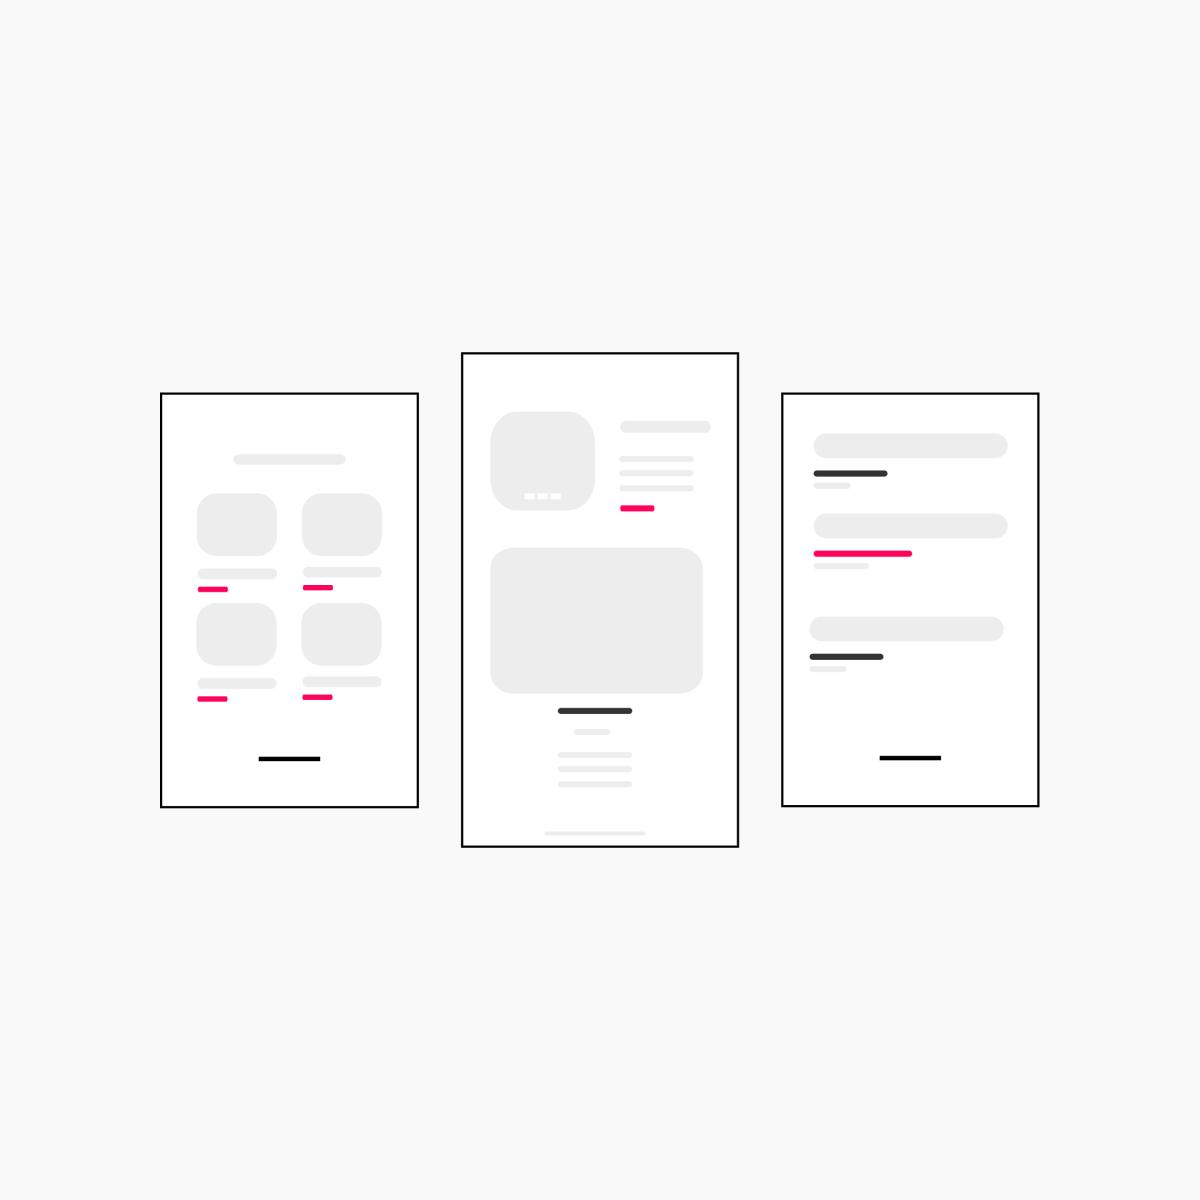 Shopify design & UX illustration